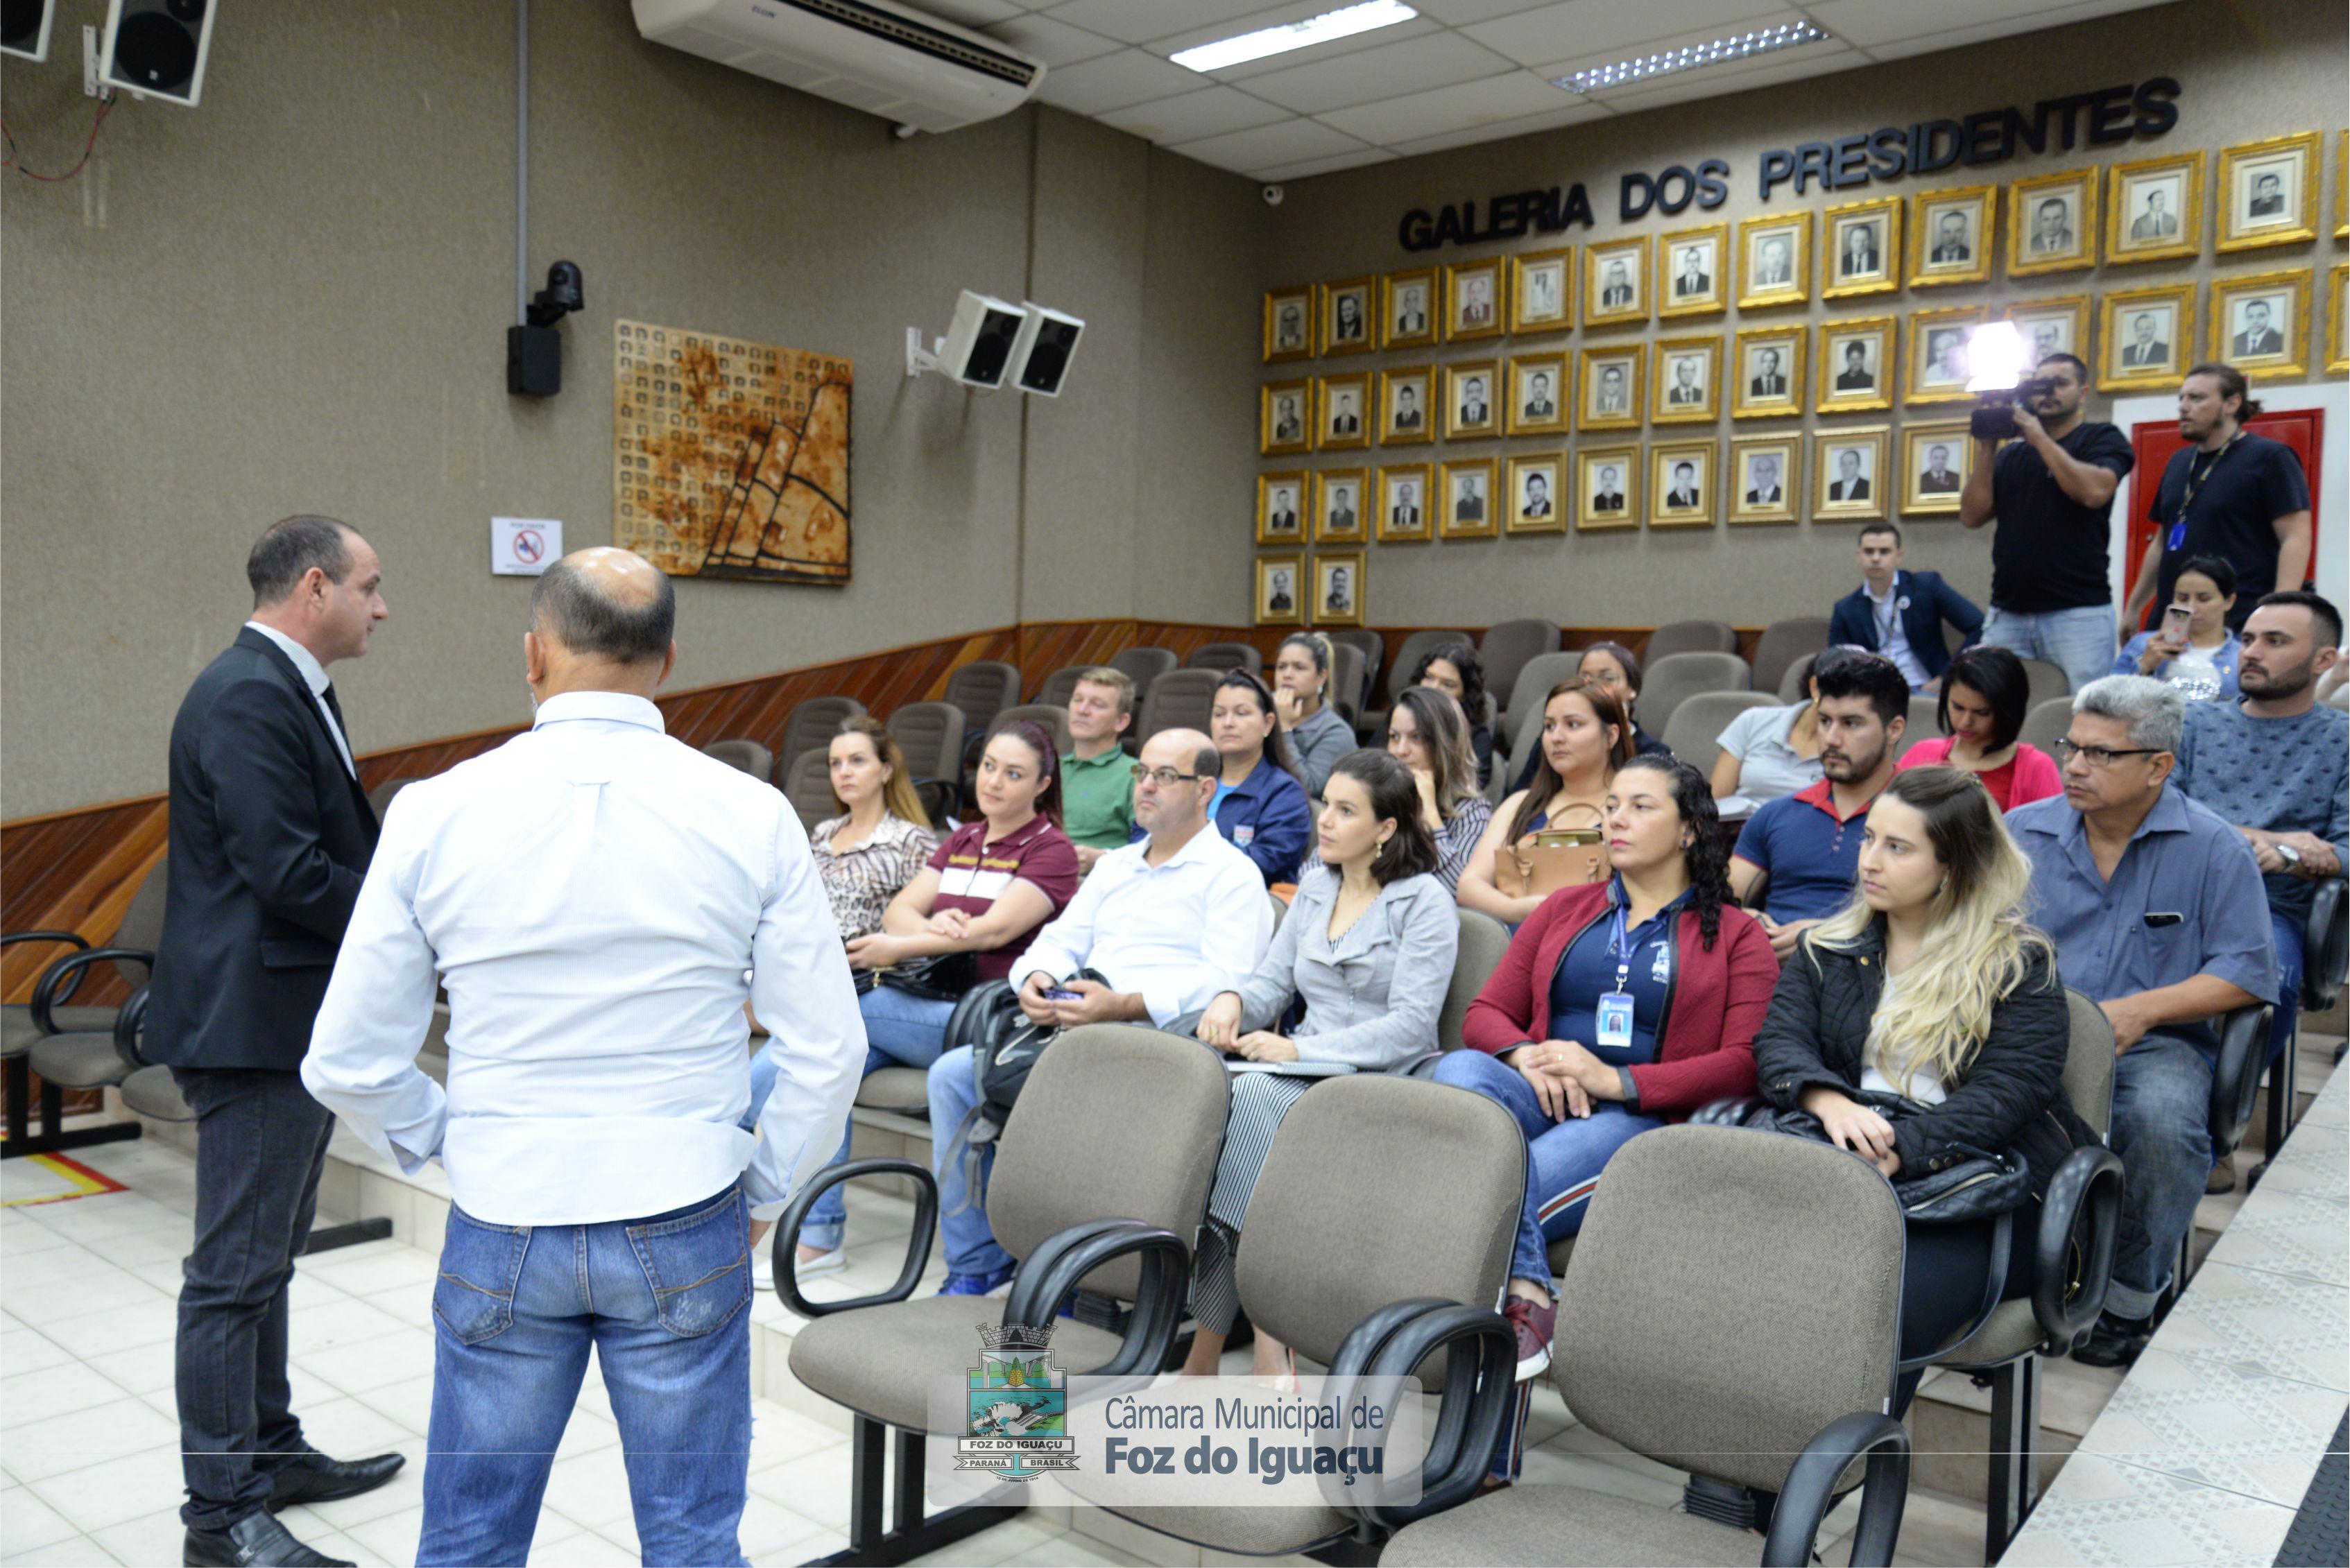 Alunos do curso técnico em Administração do Instituto Federal do Paraná visitam a Câmara Municipal de Foz do Iguaçu - 08-08 (06)